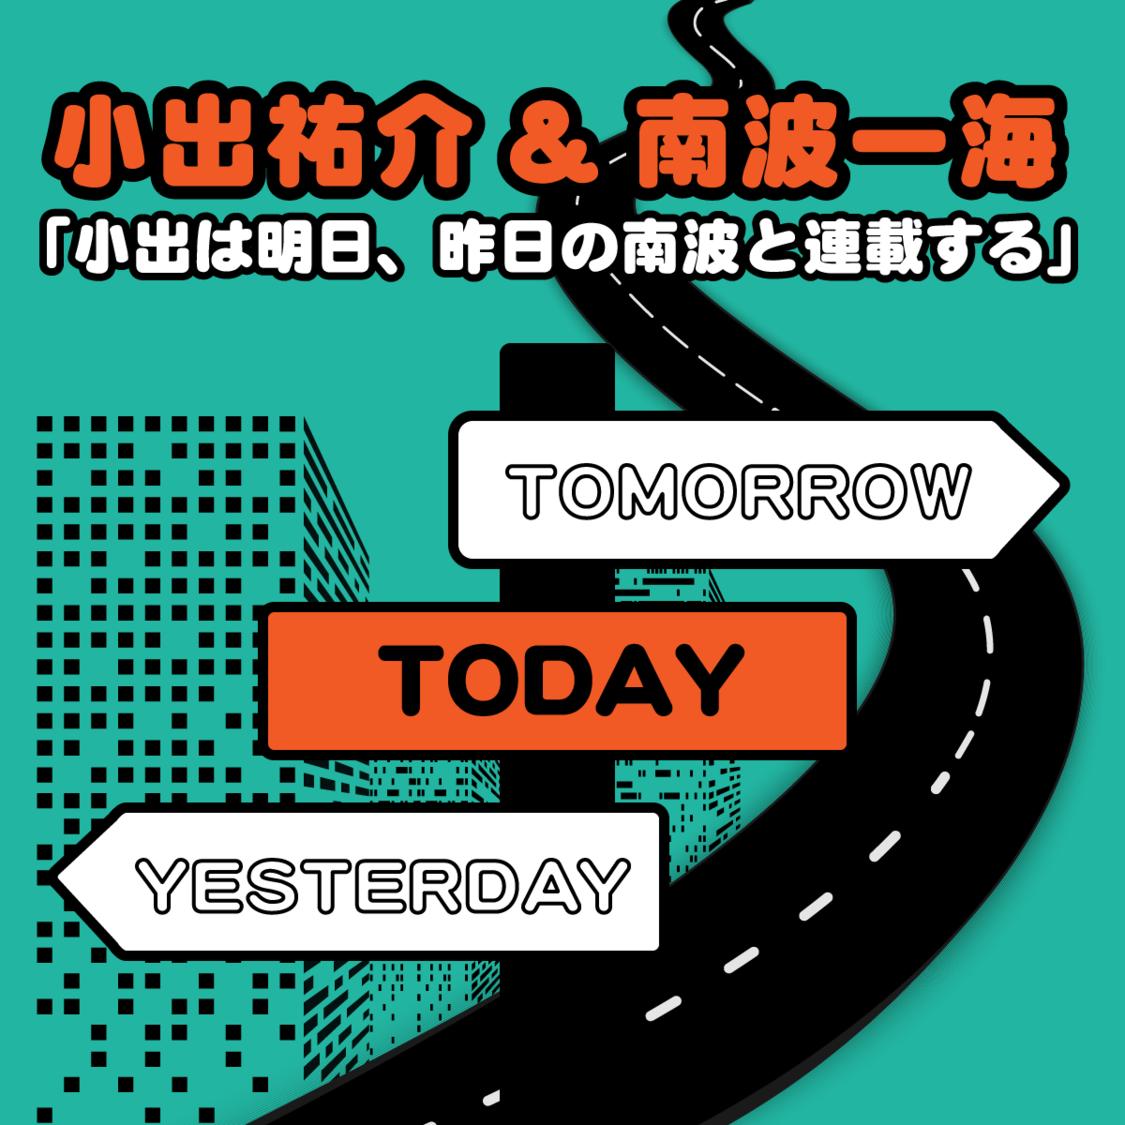 第3回:ヒョリン〜小出祐介&南波一海「小出は明日、昨日の南波と連載する」 〜